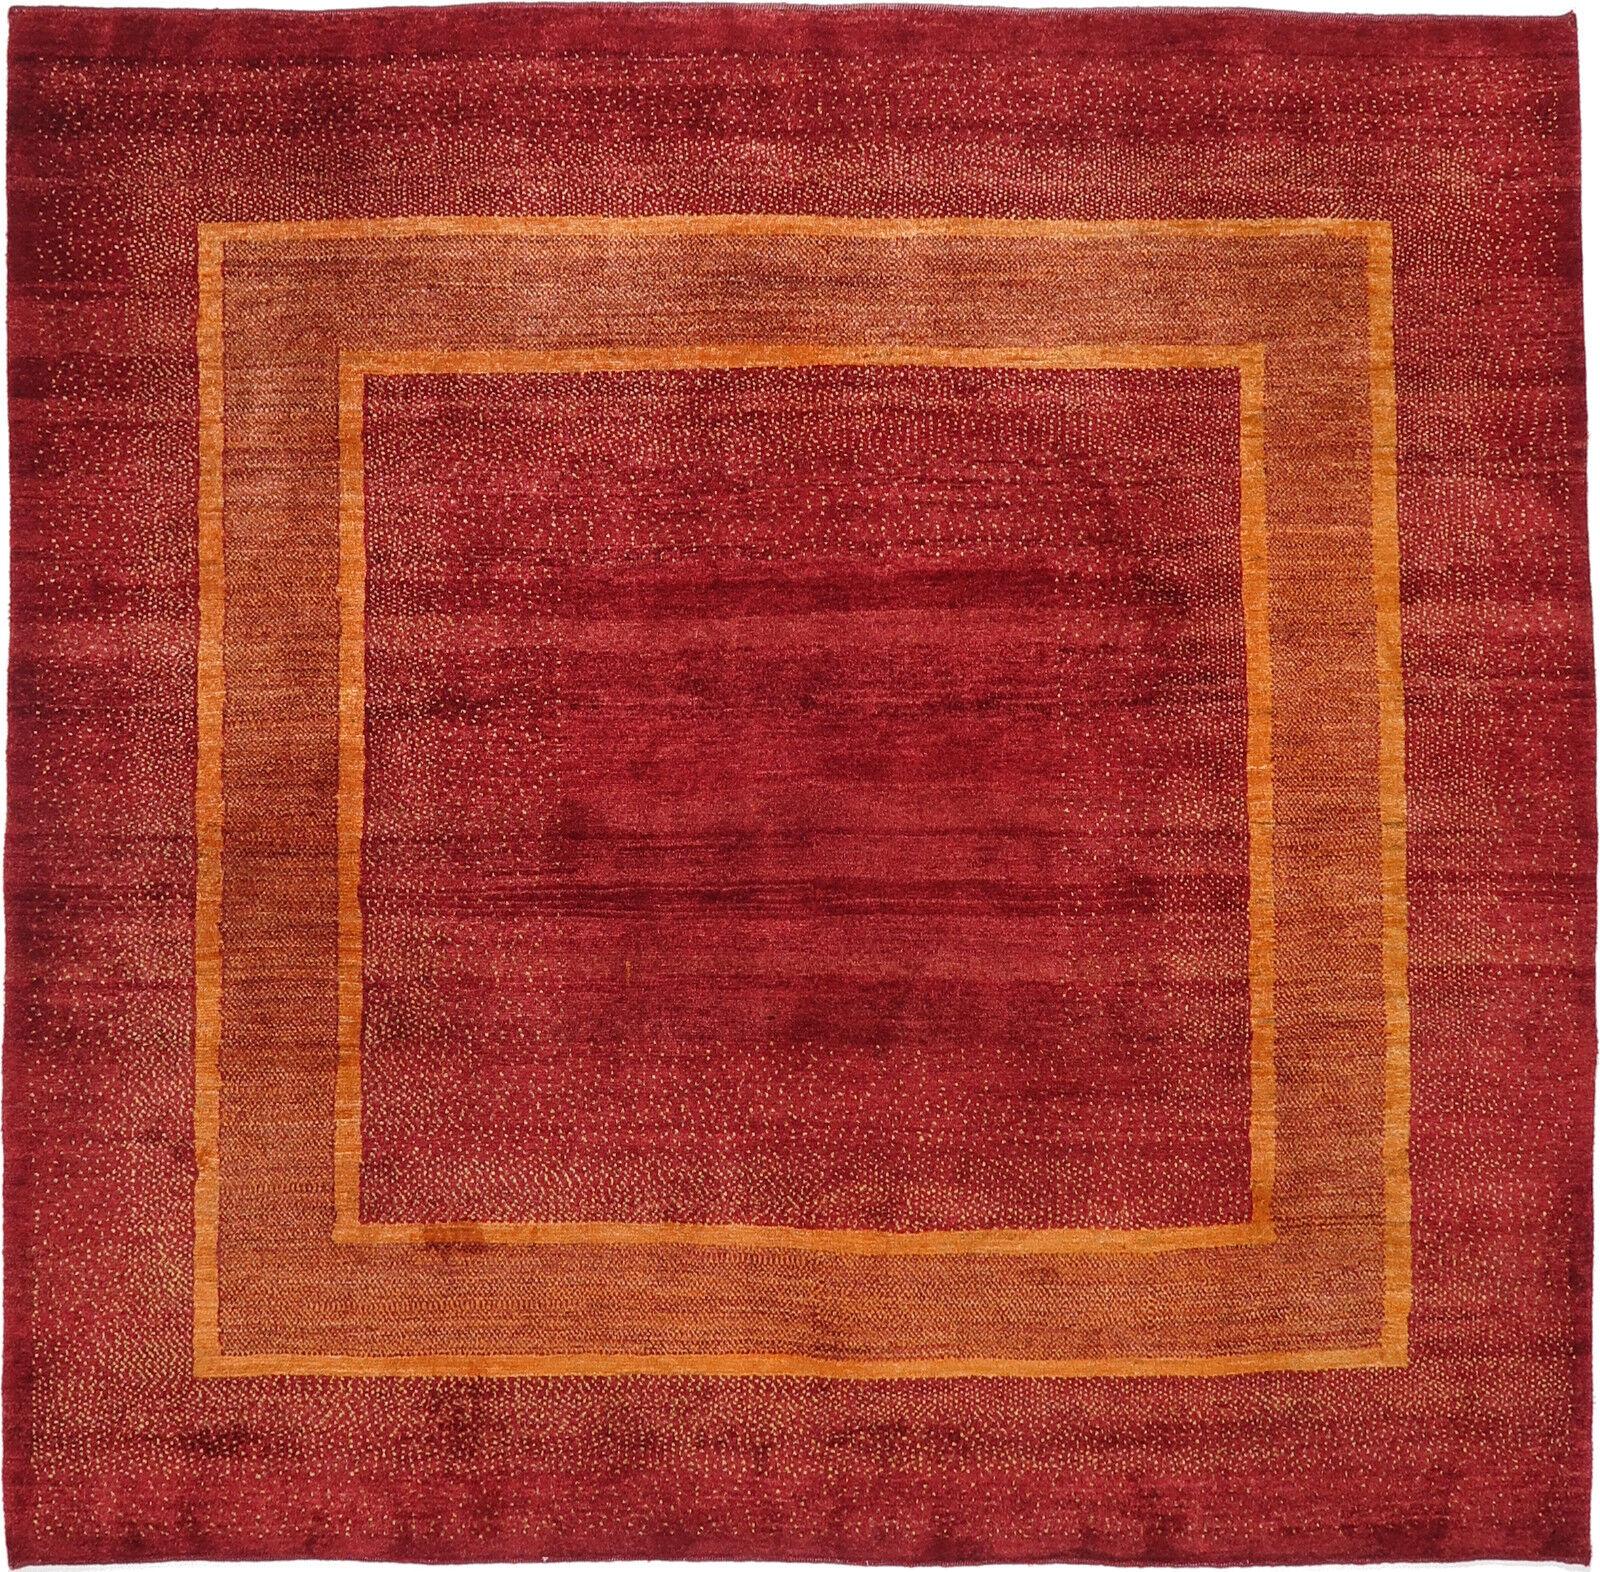 Gabbeh Tappeto Orientale Tappeto Rug Carpet parte di Tapis Tapis Tapis tapijt Tappeto Alfombra zollanvari d1c135